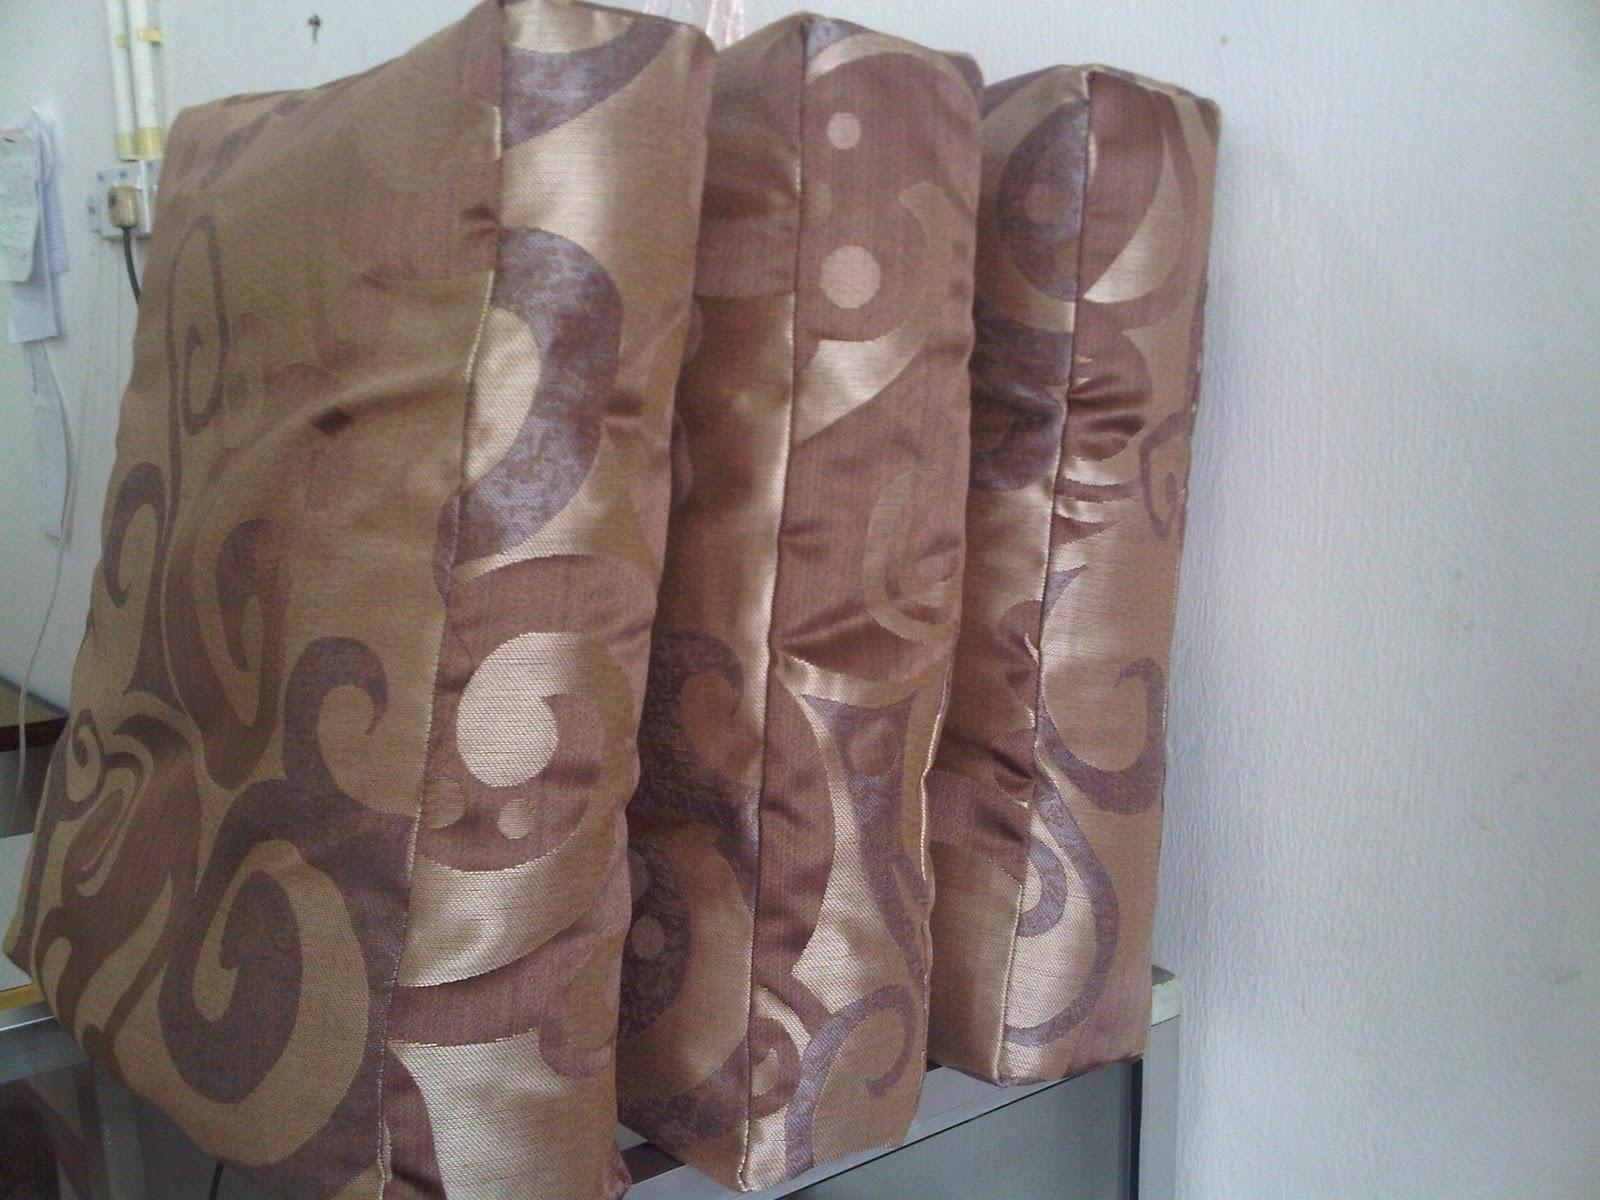 Jika Anda Berminat Sila Hubungi My Q Curtain 019 3399101 Untuk Tempahan Kusyen Sofa Dari Kekabu Diimport Thailand Atau Lain Seperti